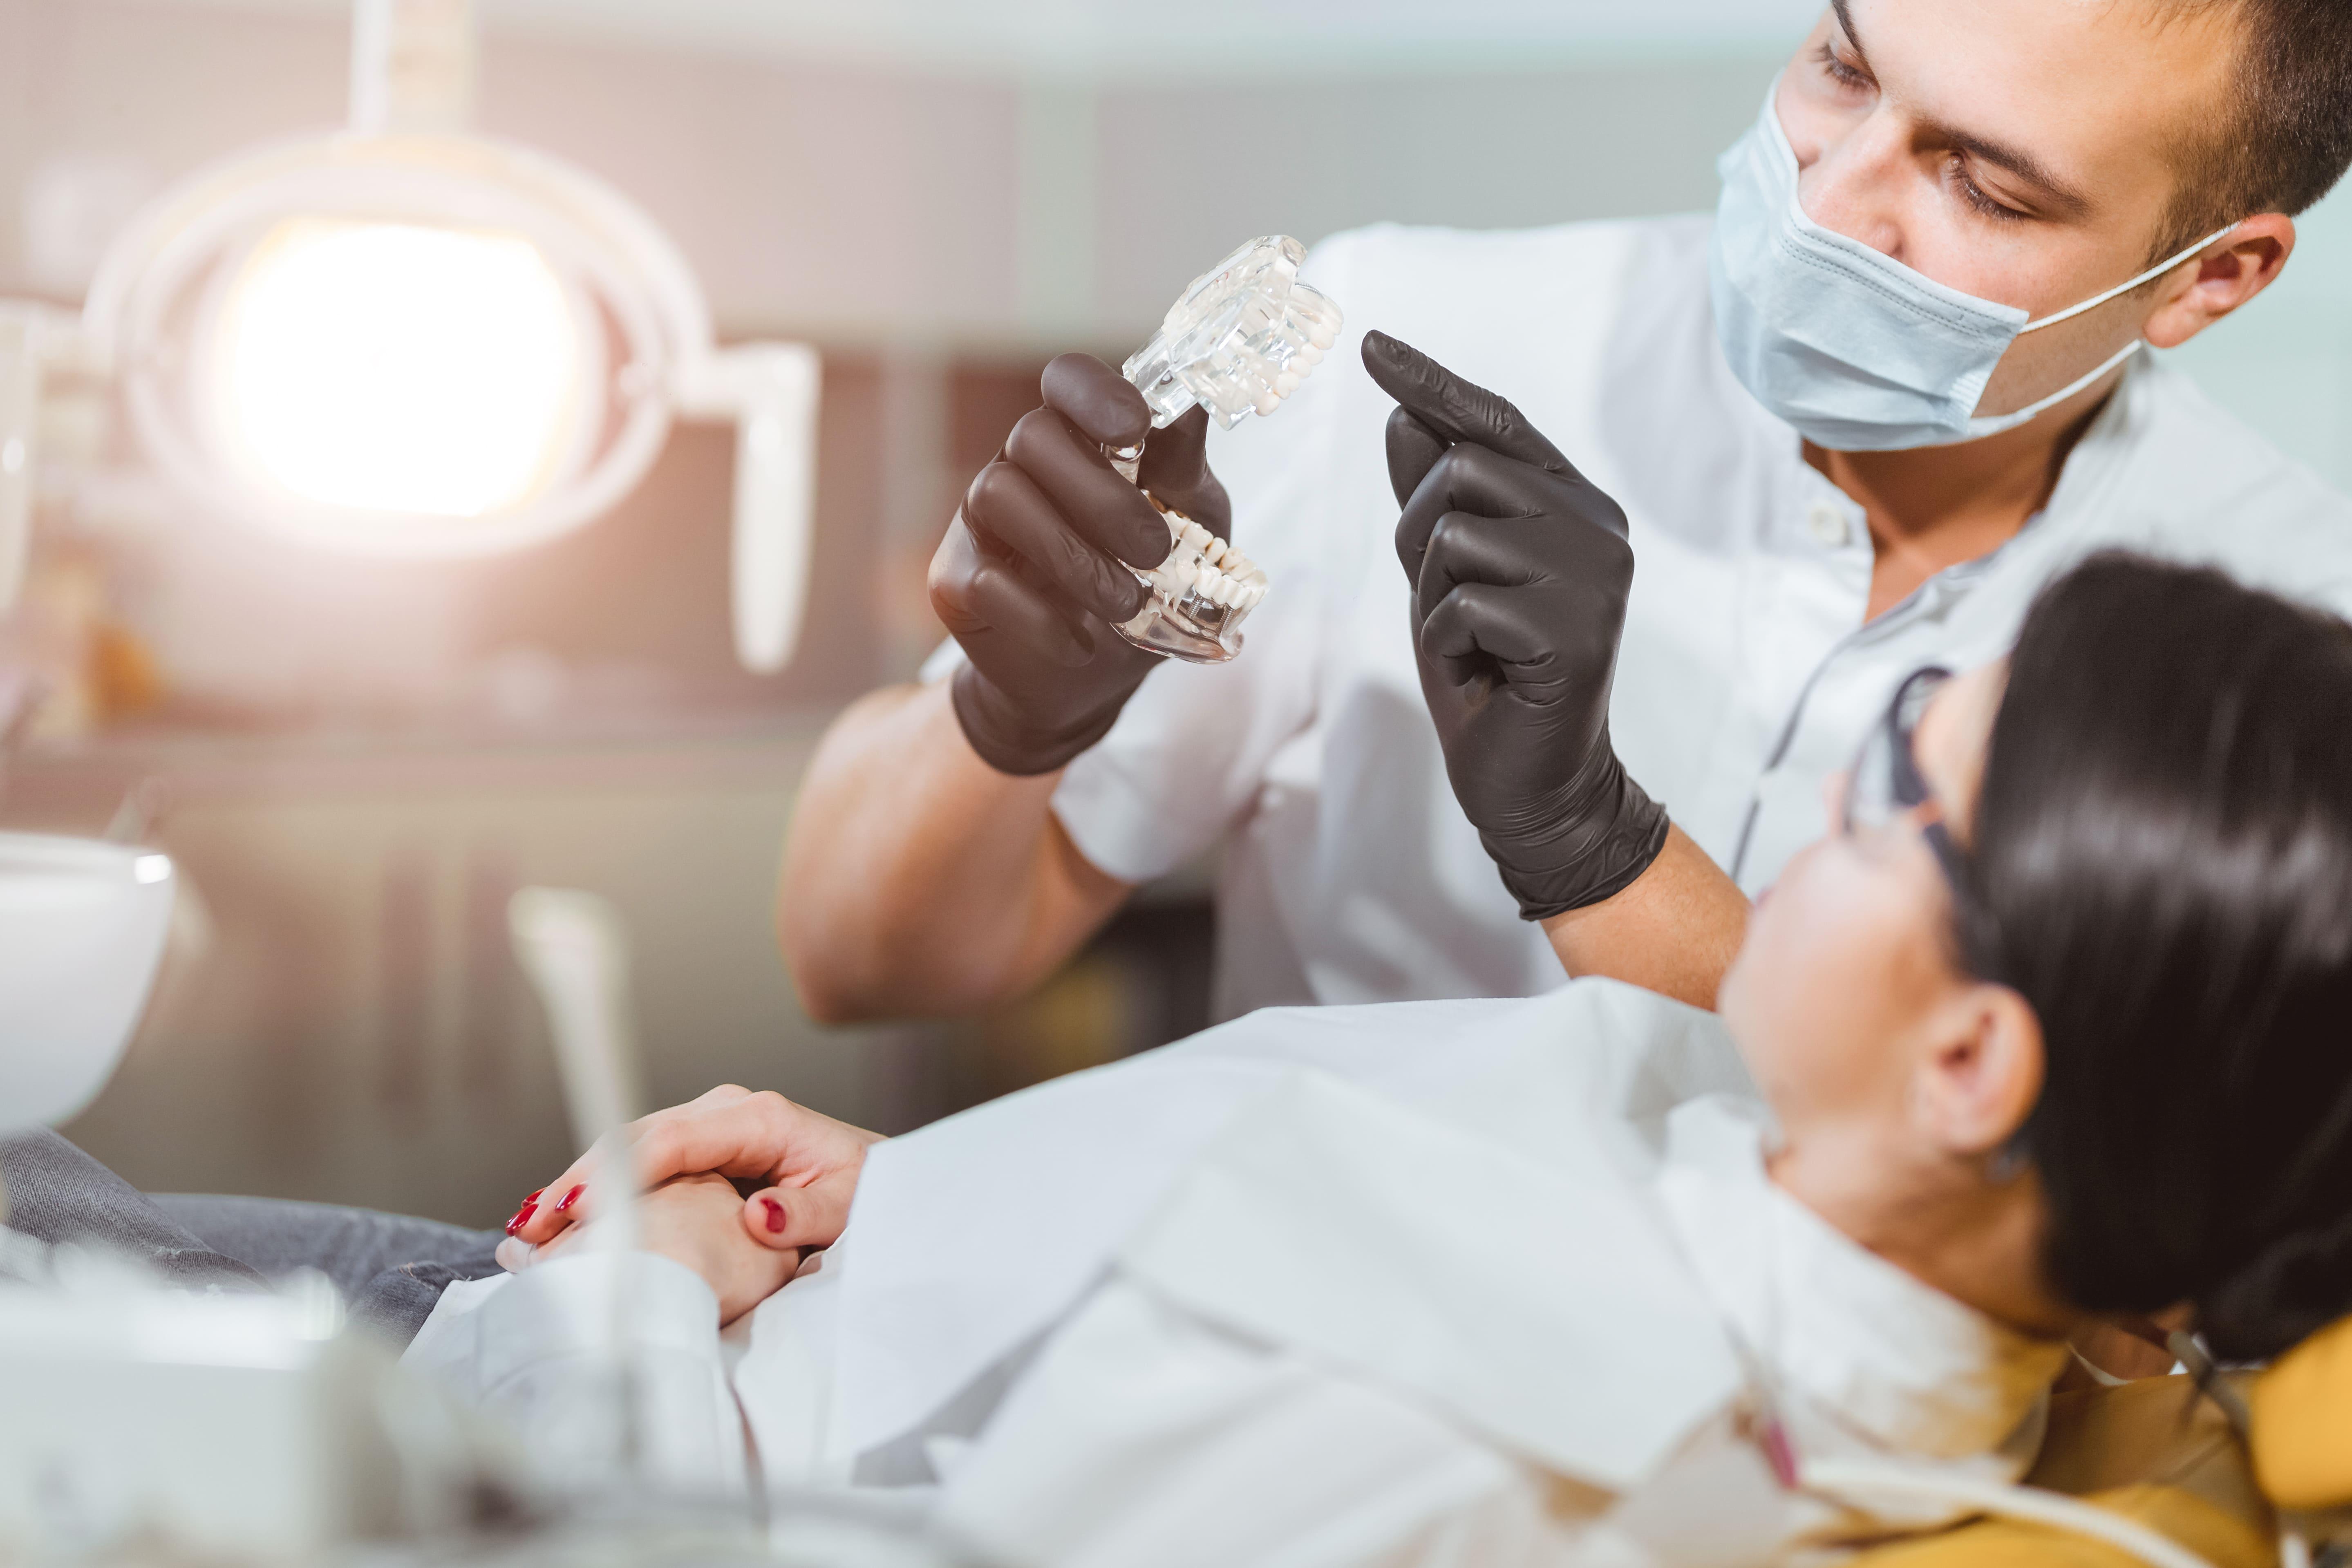 Imagem de um dentista atendendo uma paciente depois que ele decidiu abrir uma clínica odontológica